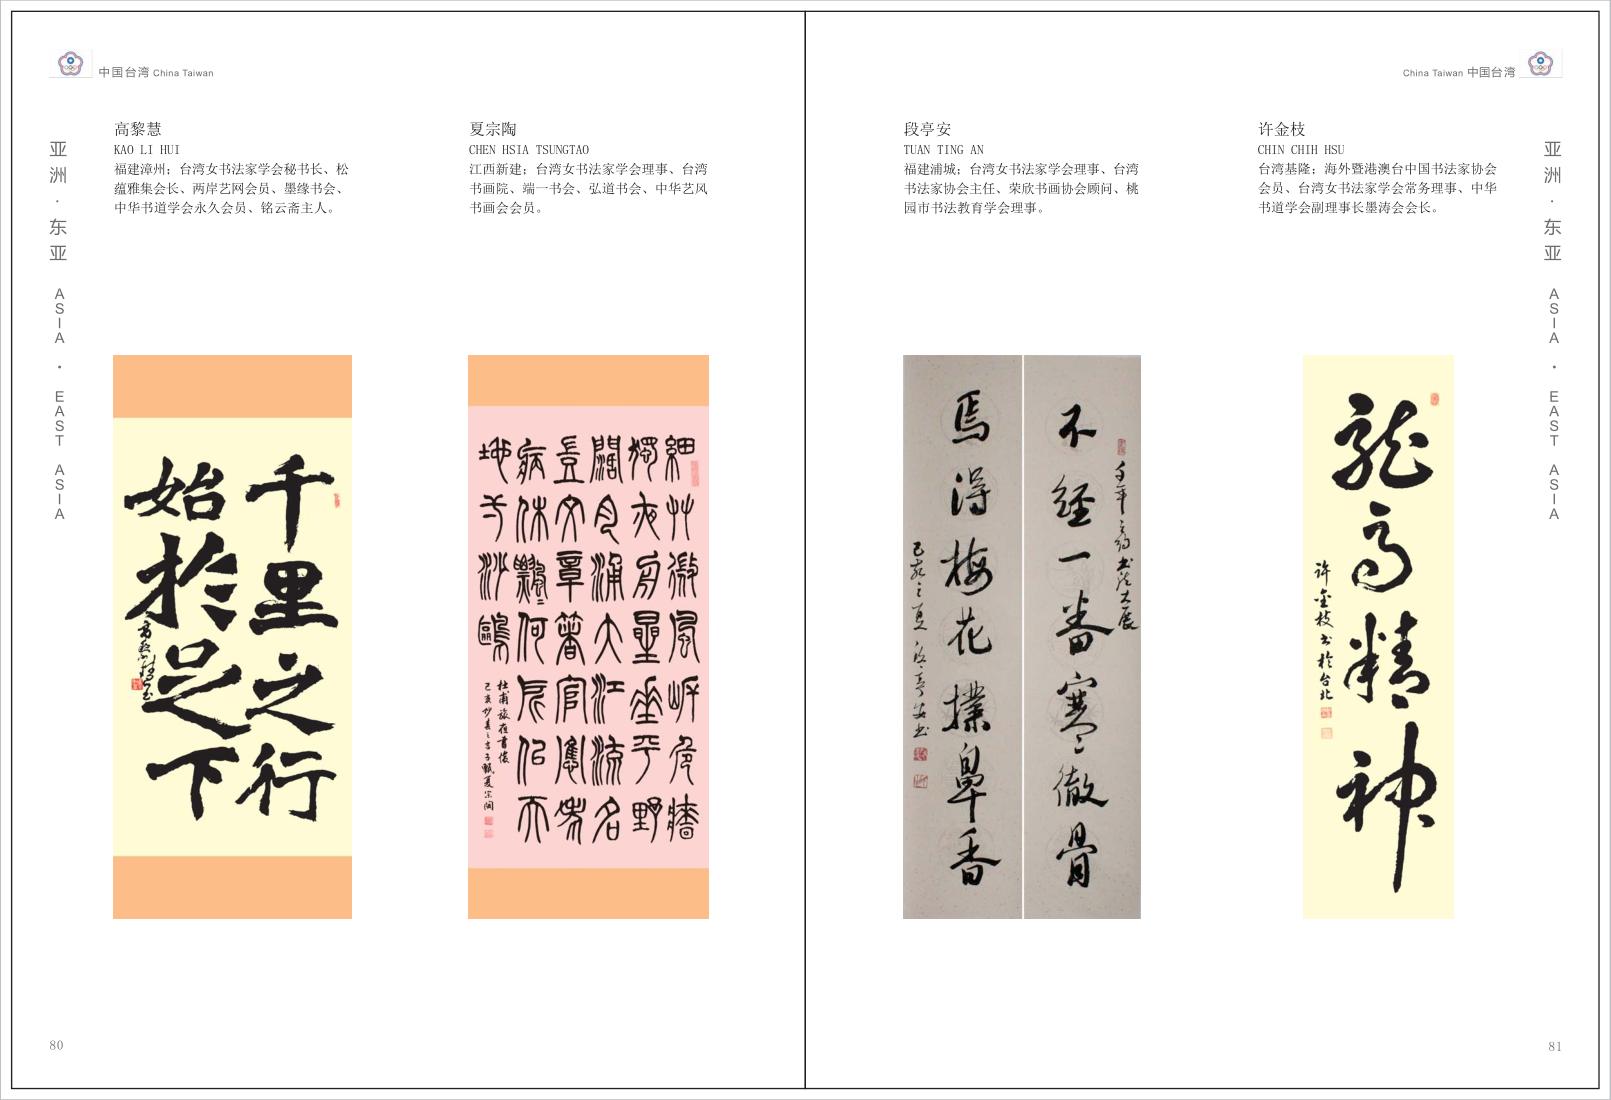 191页2_42.png